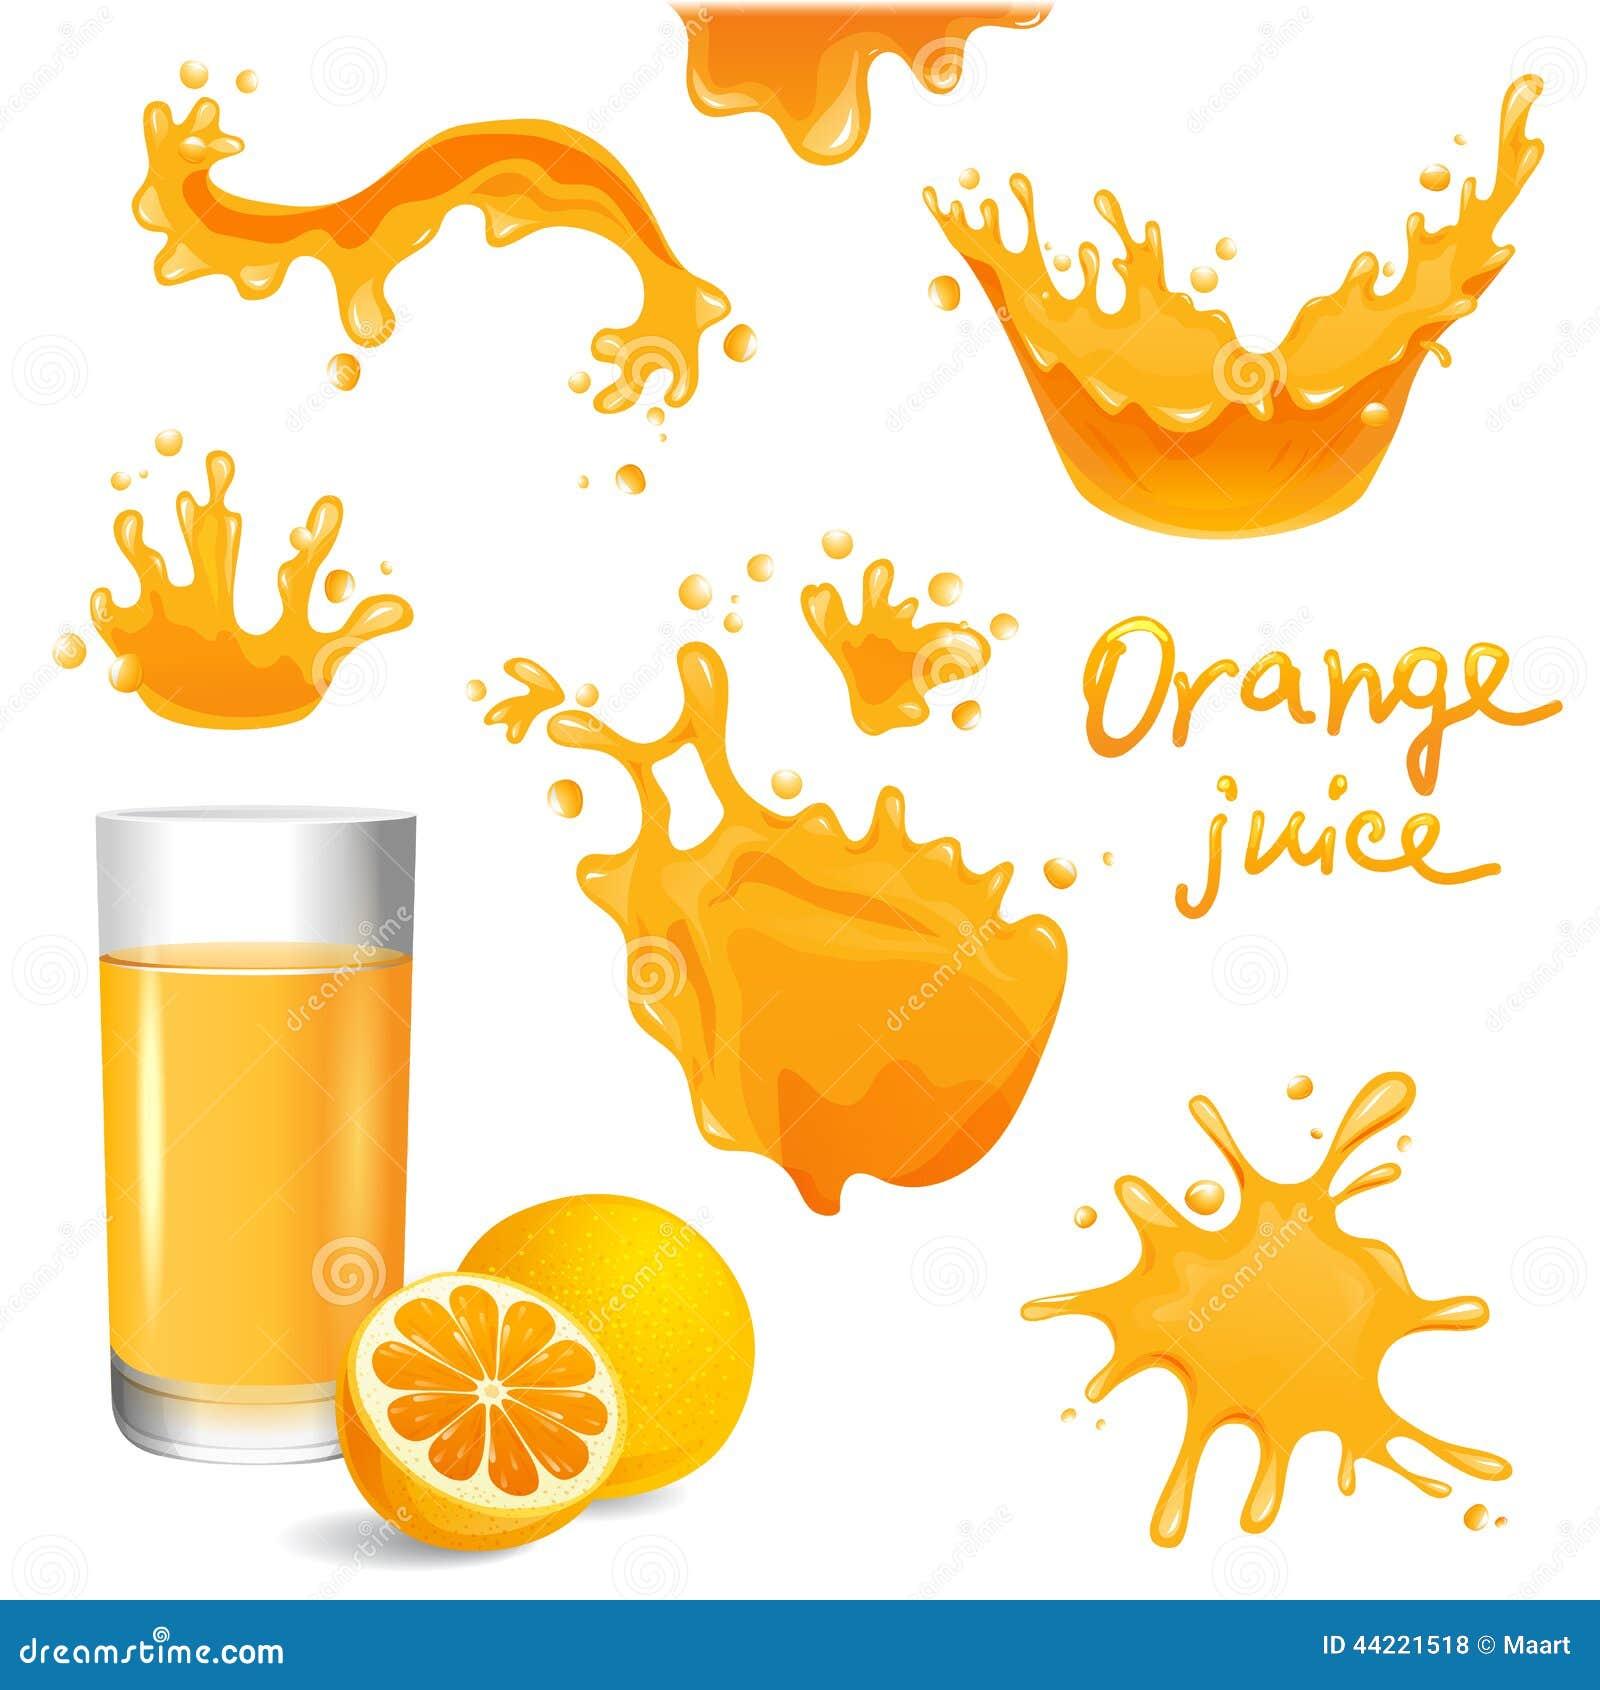 Orangensaft spritzt